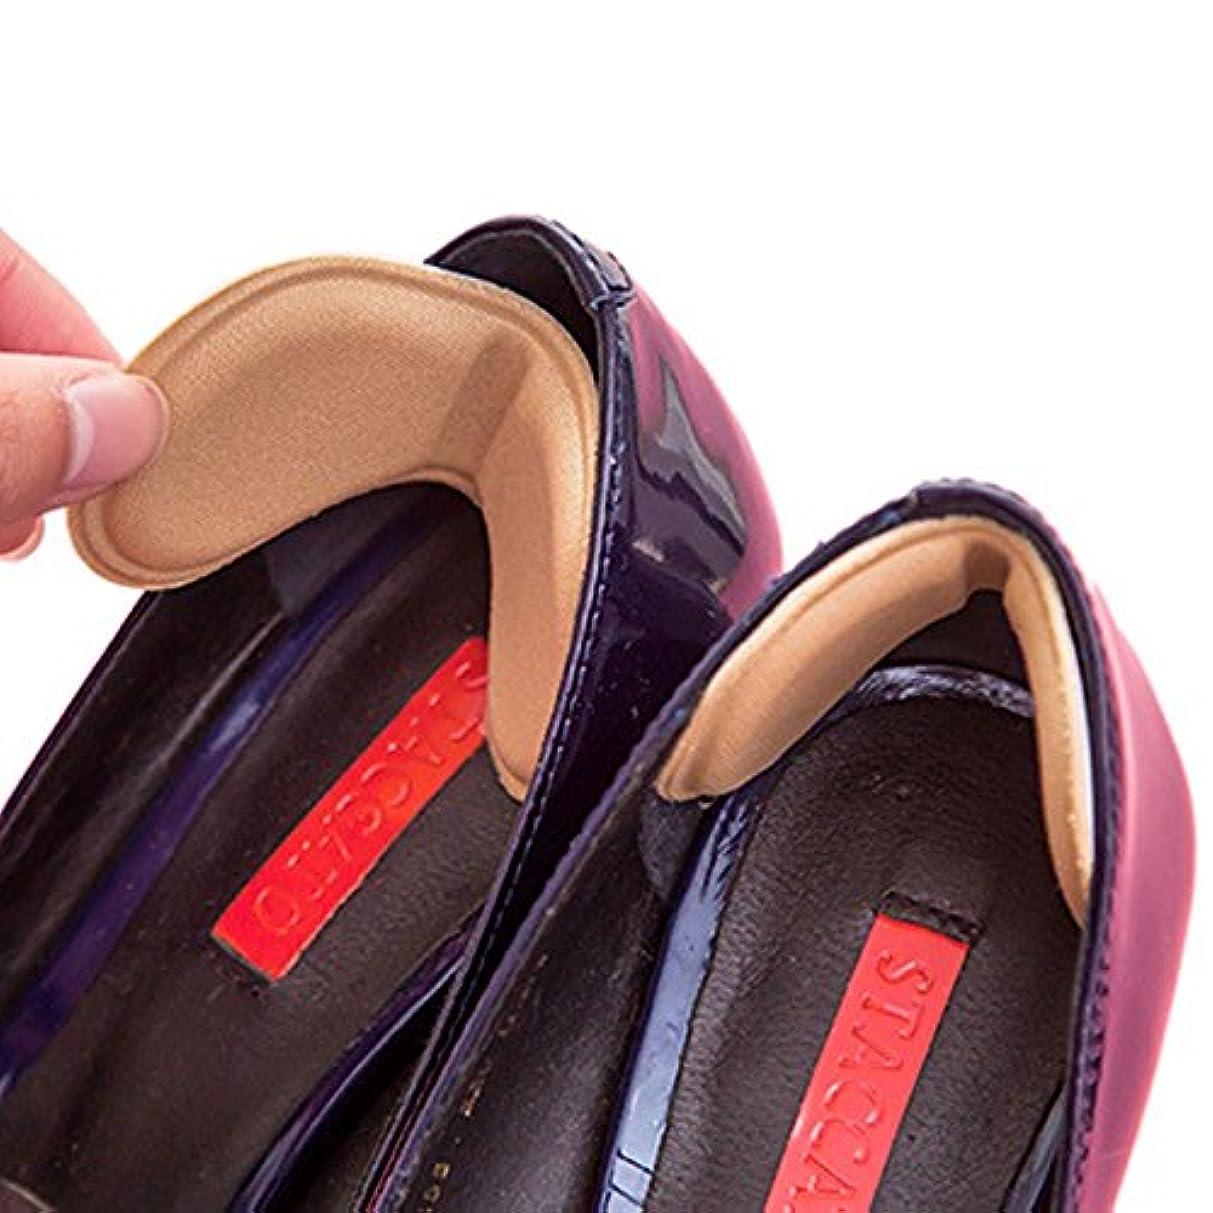 メインチューリップリブ靴擦れ 半張りパッド 靴擦れ防止 防止かかと パカパカ防止 ハイヒール用 足裏保護 インソール 靴のサイズ調整 四組入り